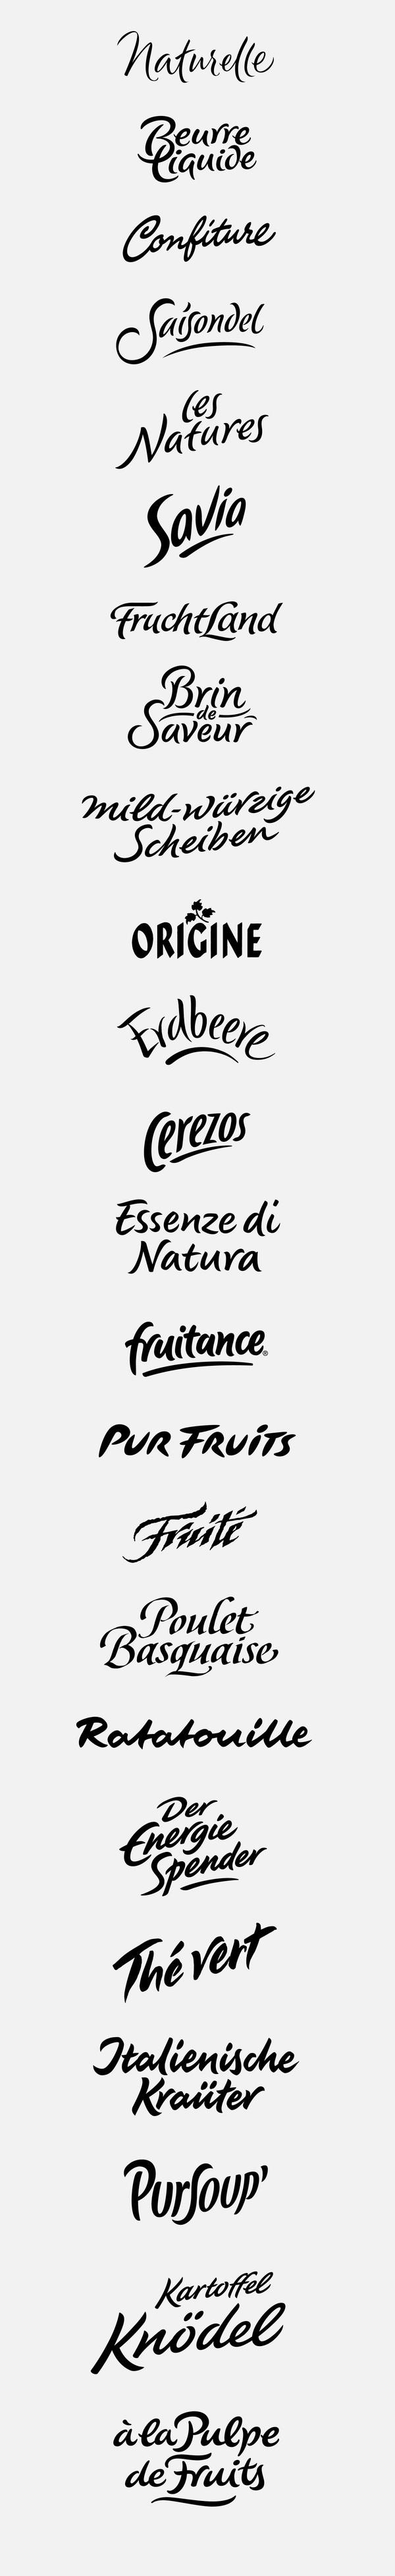 logotypes: natural, organic on Behance